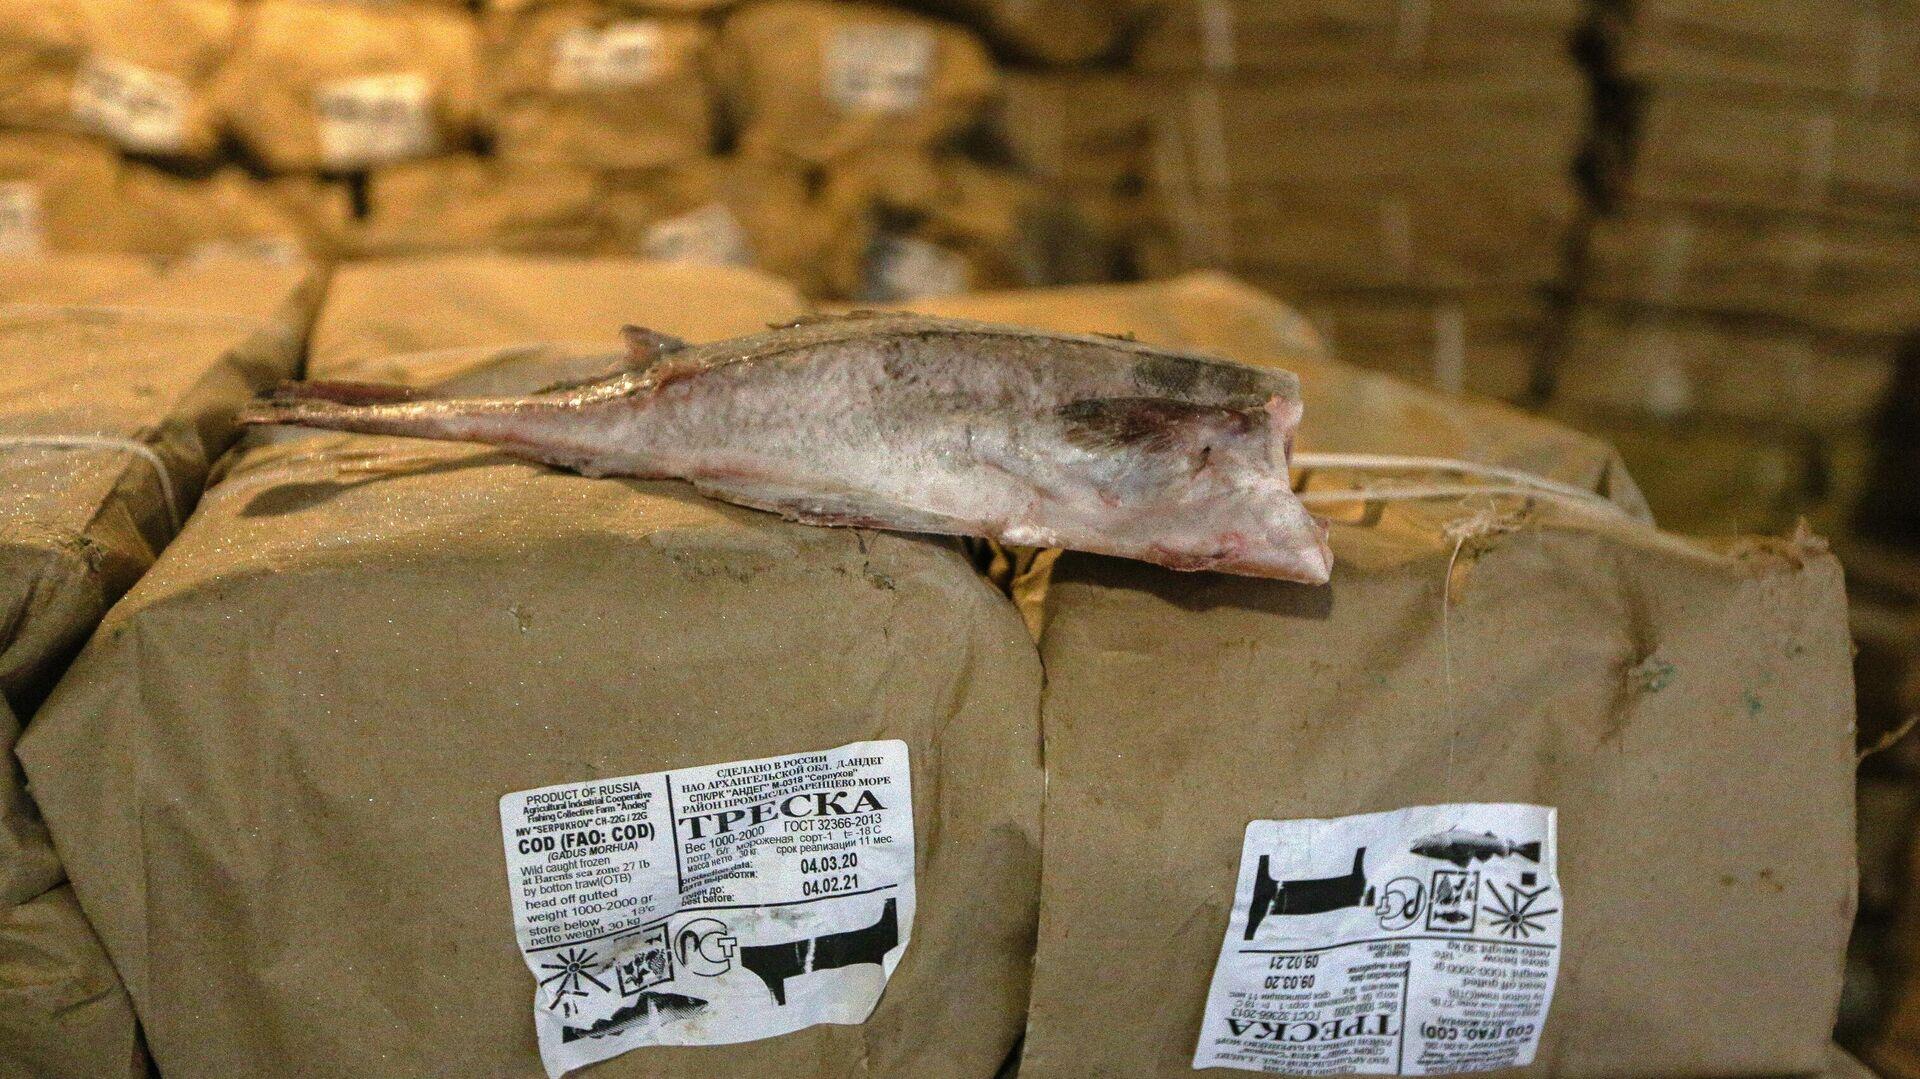 Выгрузка рыбы в Мурманском морском торговом порту - Sputnik Latvija, 1920, 21.09.2021